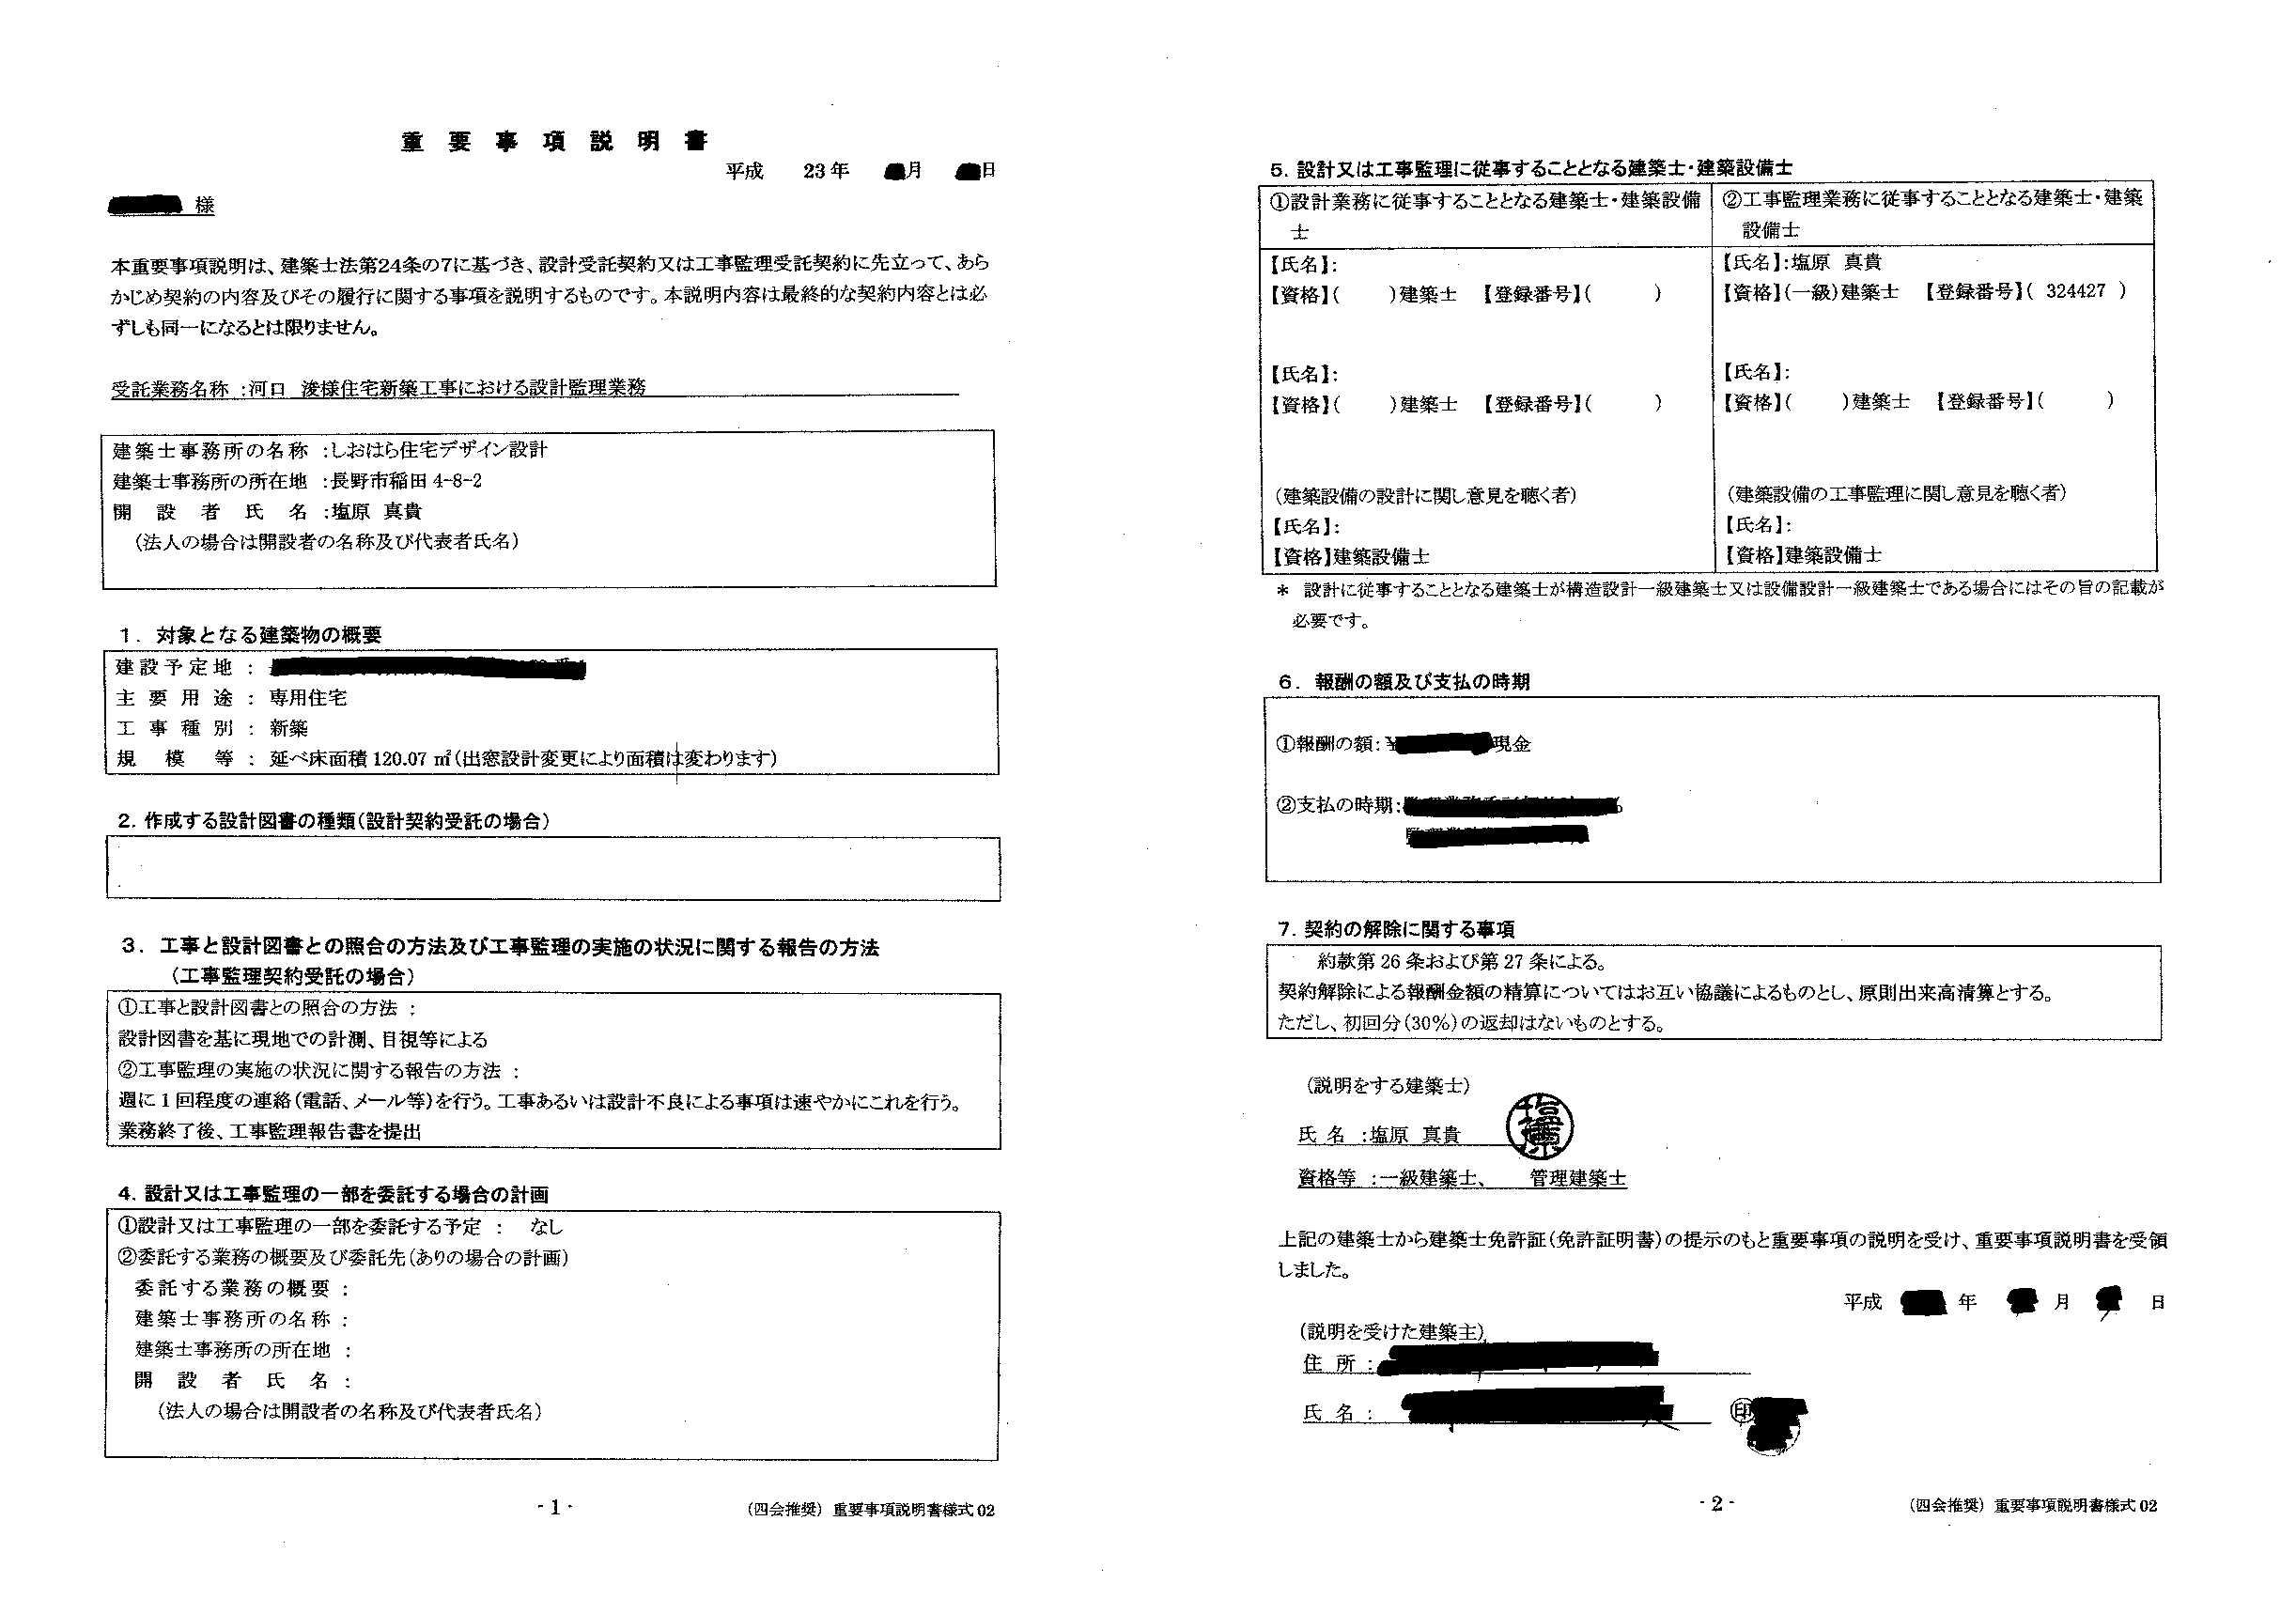 委託 書 と は 業務 契約